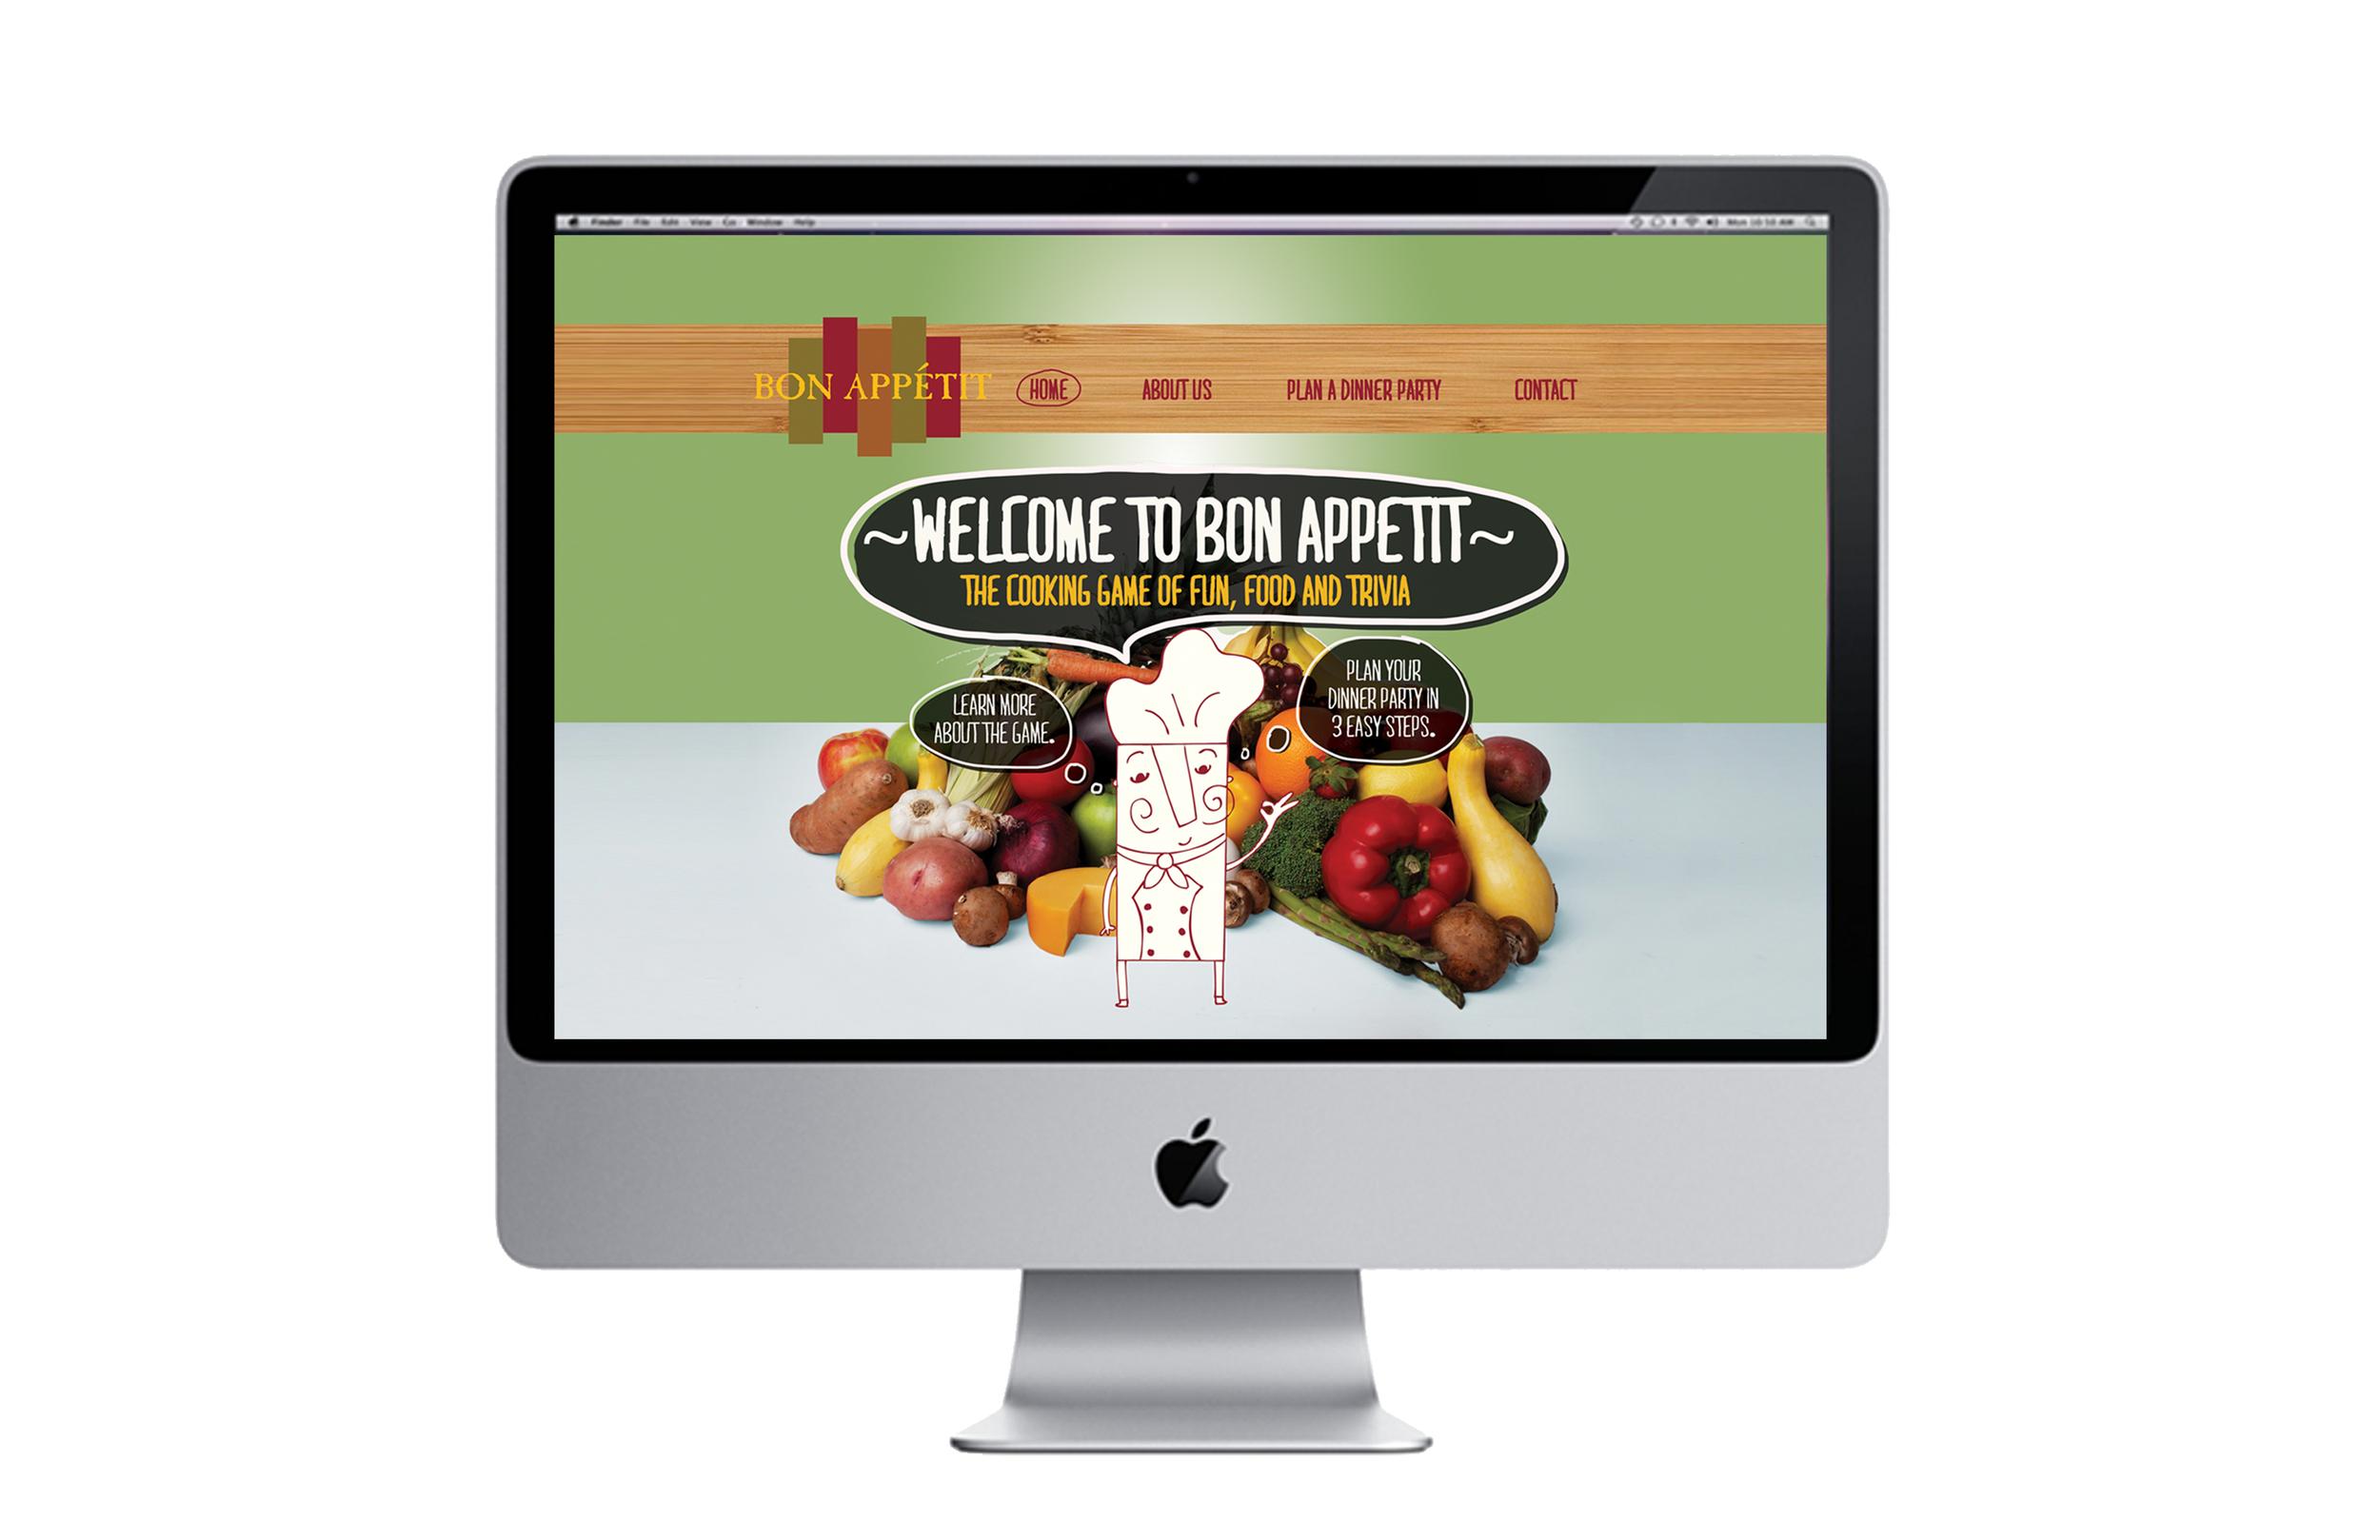 bon appetit website-1.jpg